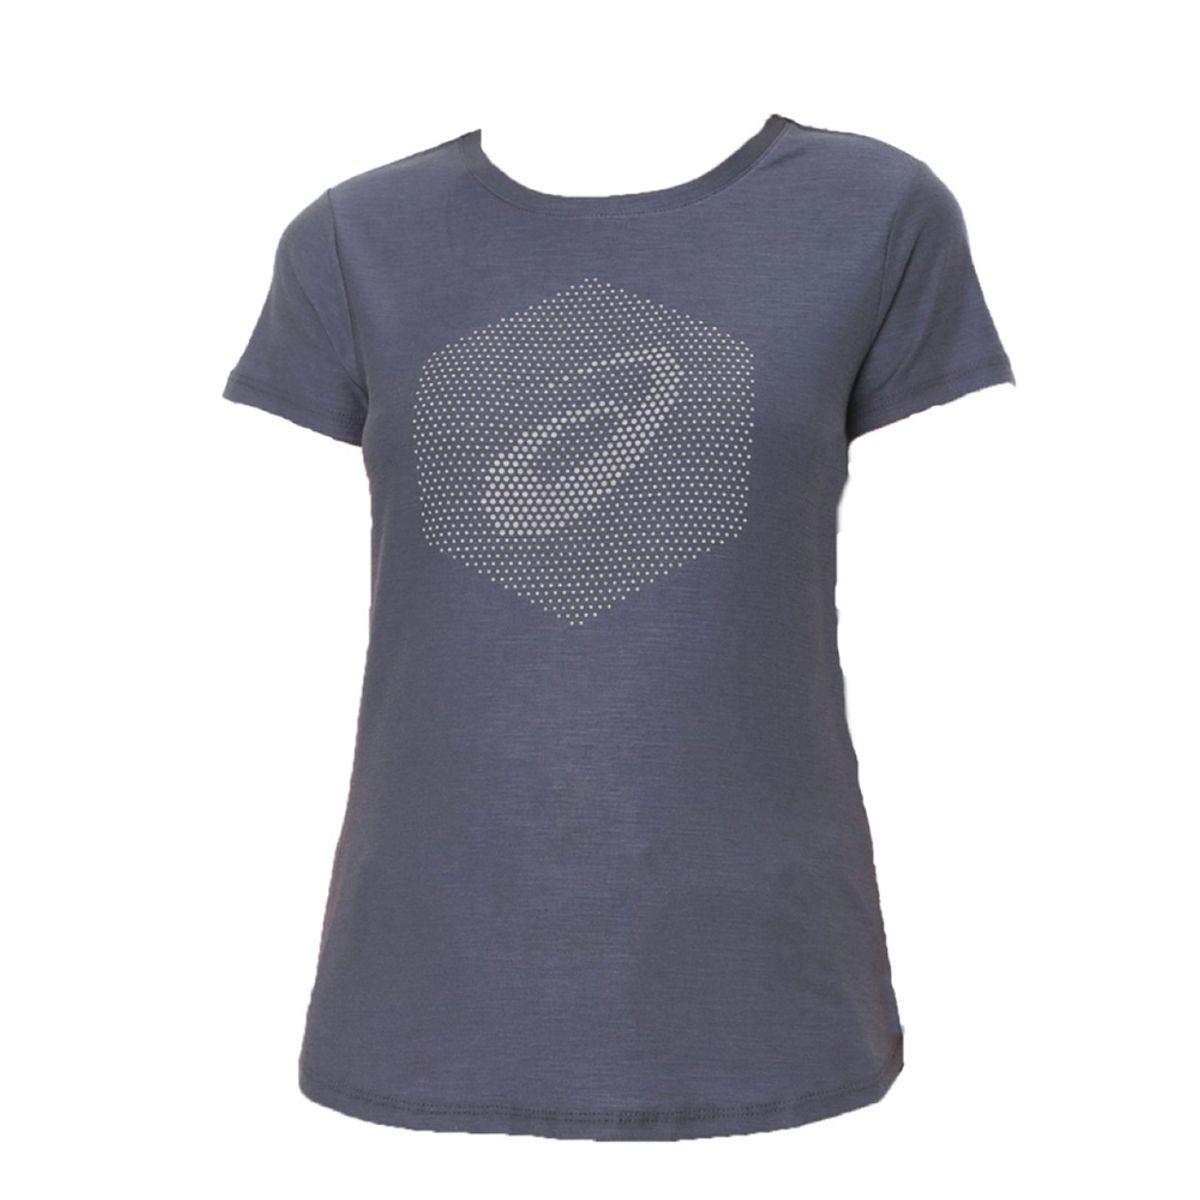 Camiseta-Asics-Essentials-Graphic-Training---Feminino---Cinza